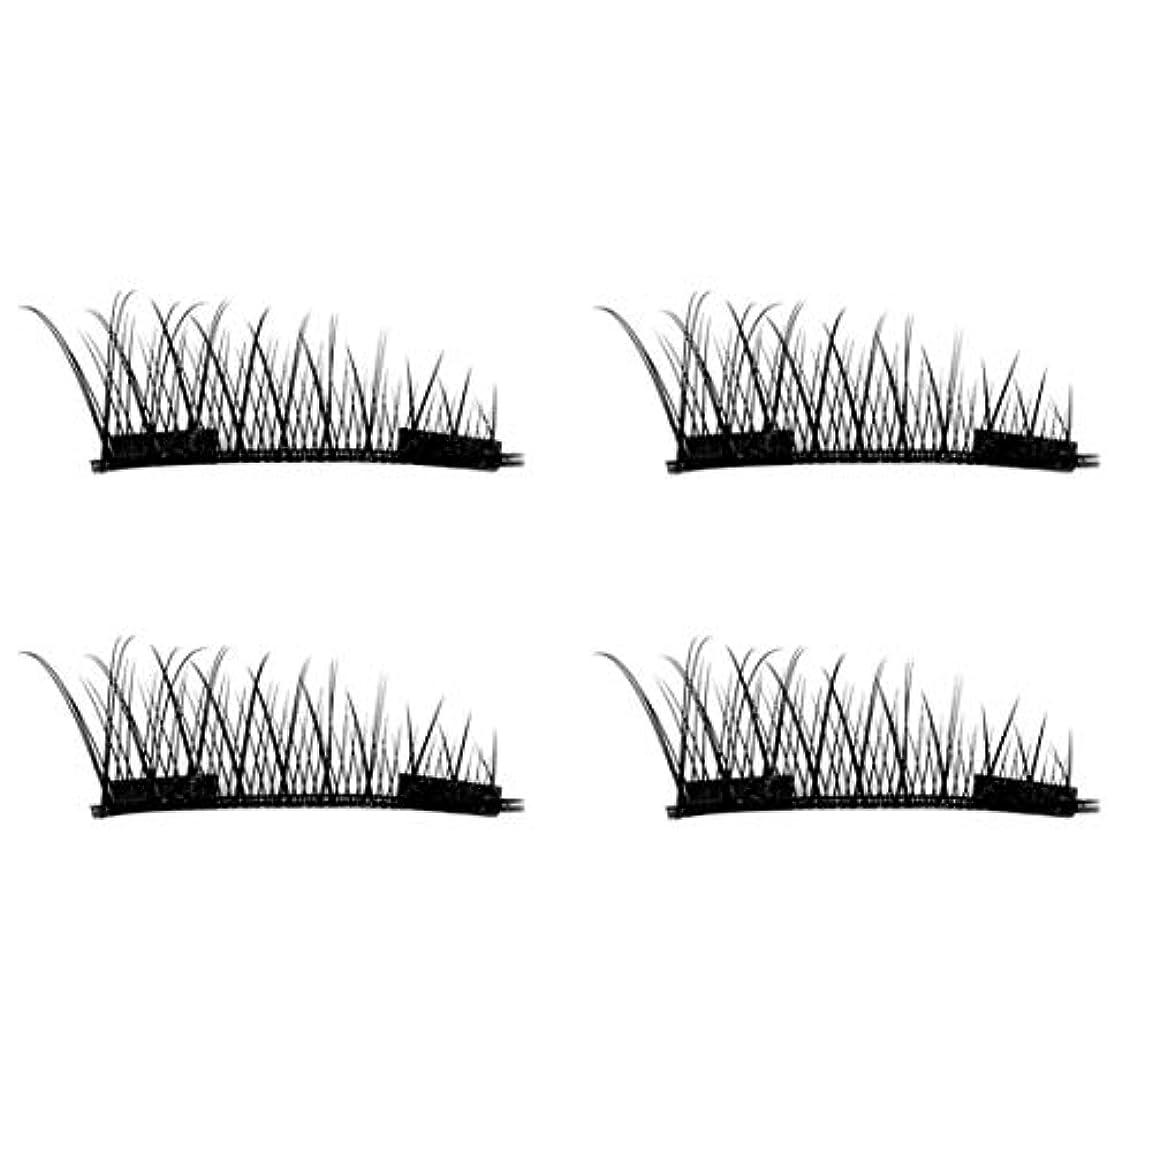 免疫するチャンバー引数4PCS / 2ペアナチュラルシックアイまつ毛のりのない3D磁気女性アイメイク美容シックロングつけまつげ